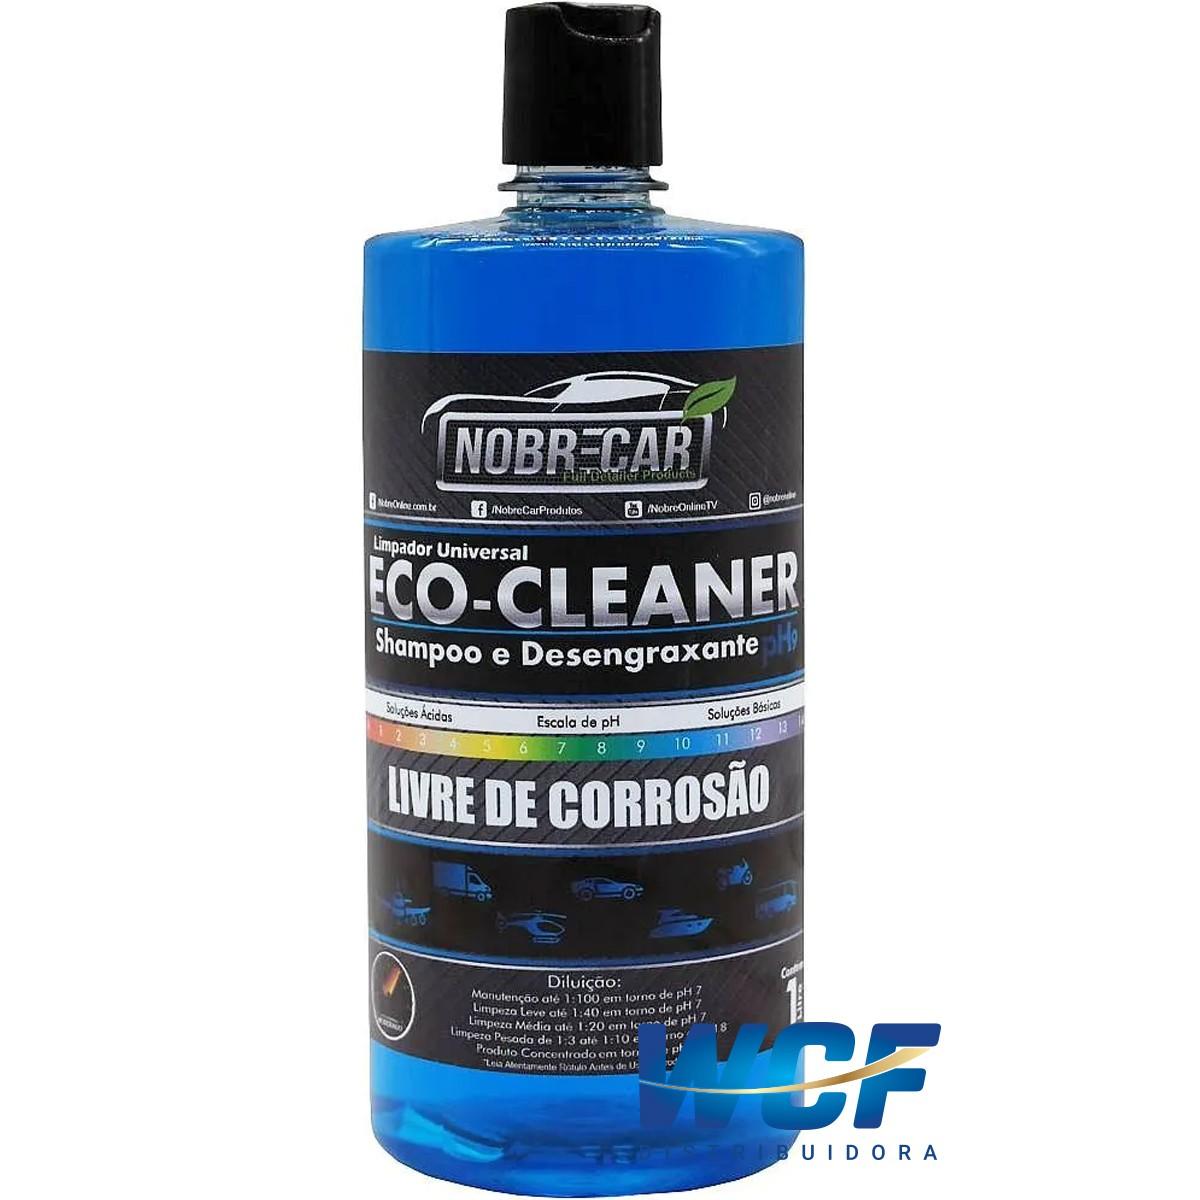 NOBRE ECO CLEANER ESPUMA BLUE 0,900 ML